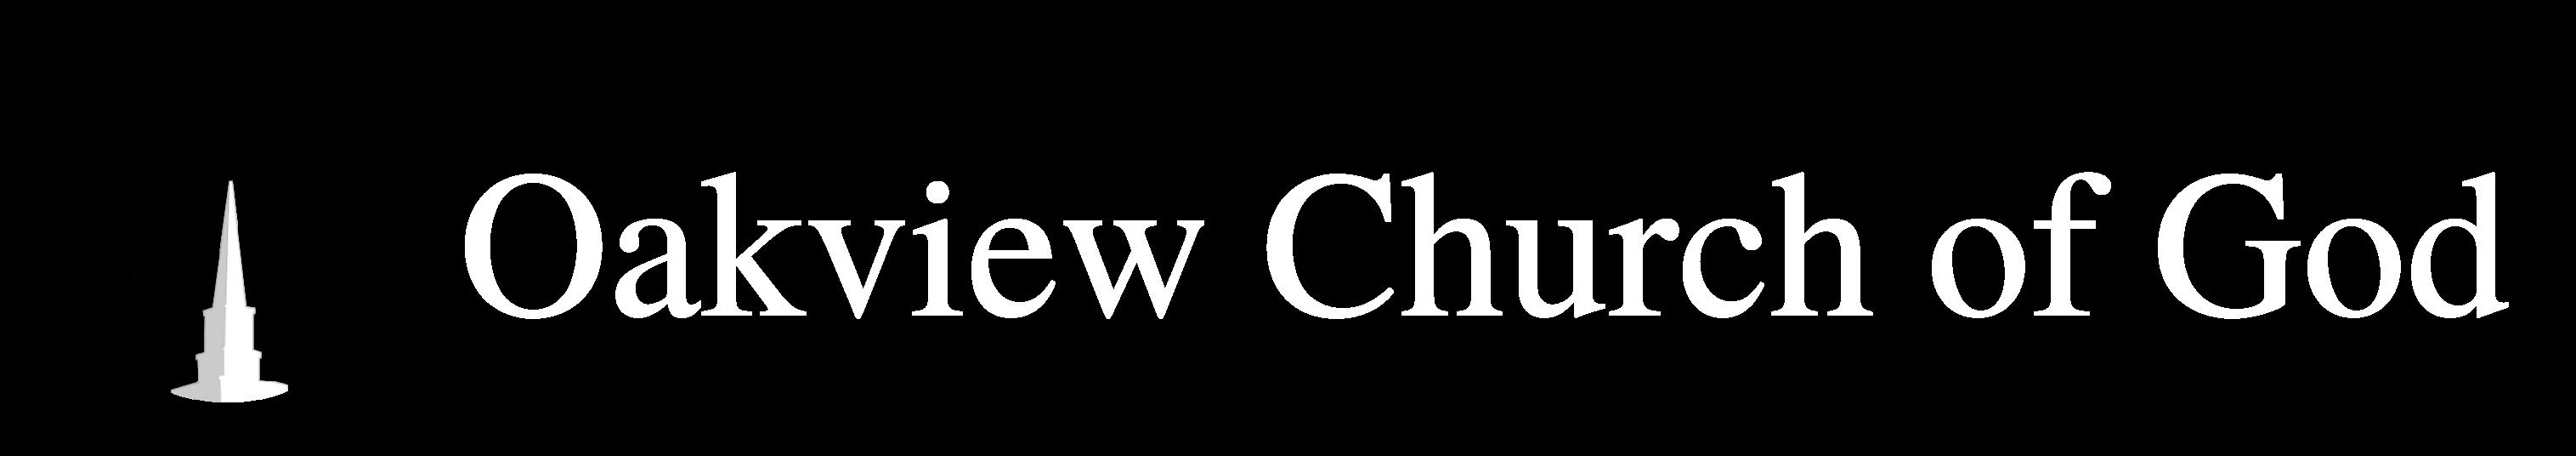 Oakview Church of God National Day of Prayer 2021